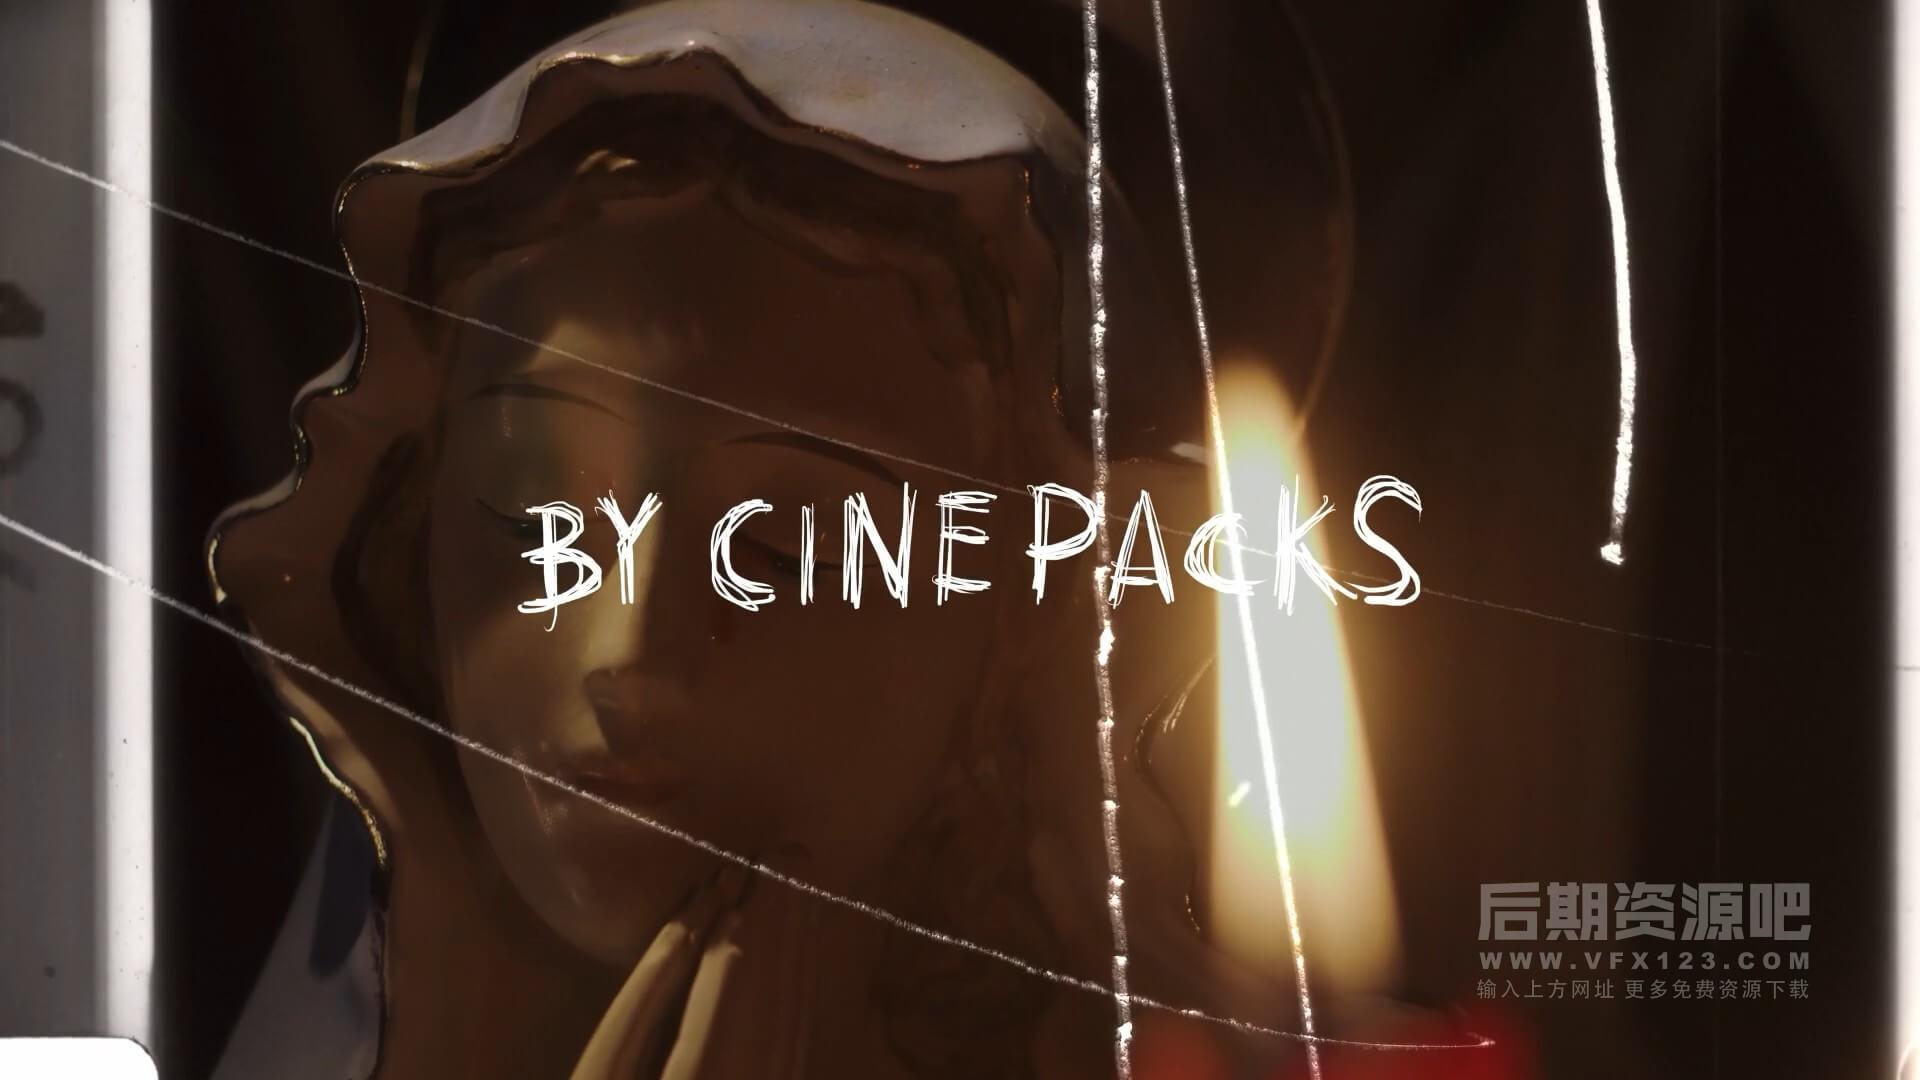 视频素材 影片添加胶片划痕旧电影特效合成素材 CinePacks Scratch FX